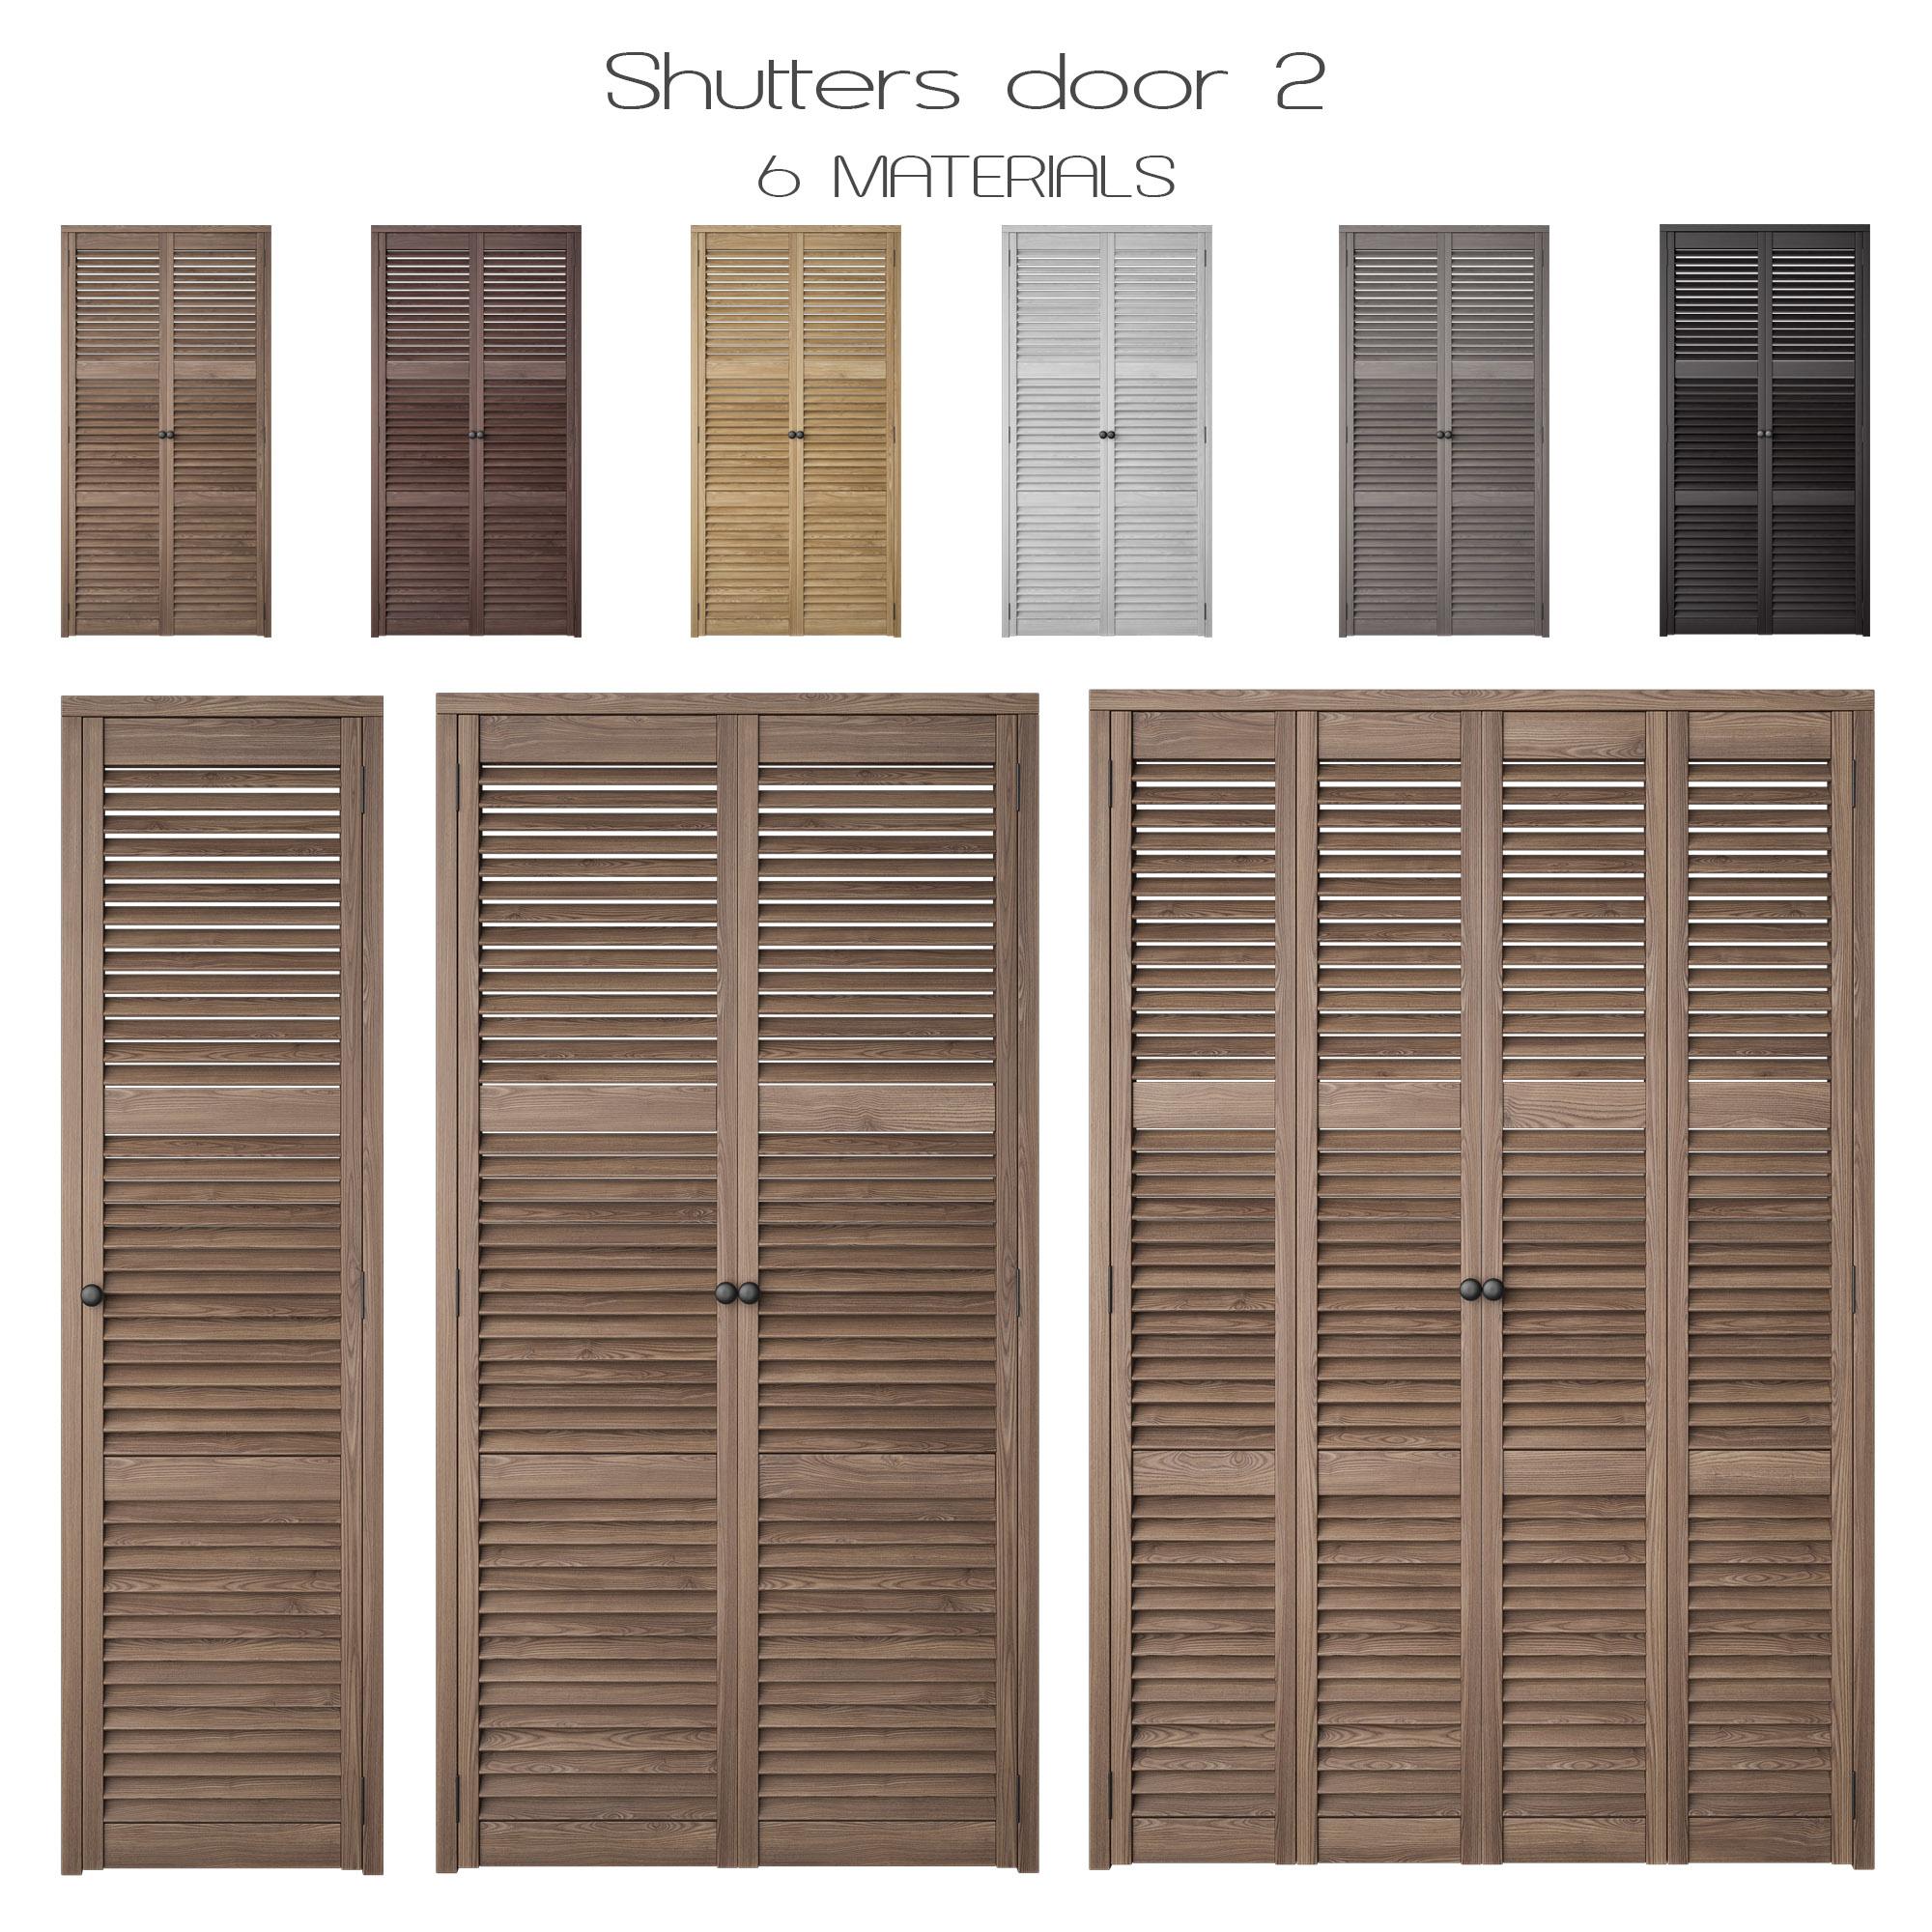 Shutters Door 2